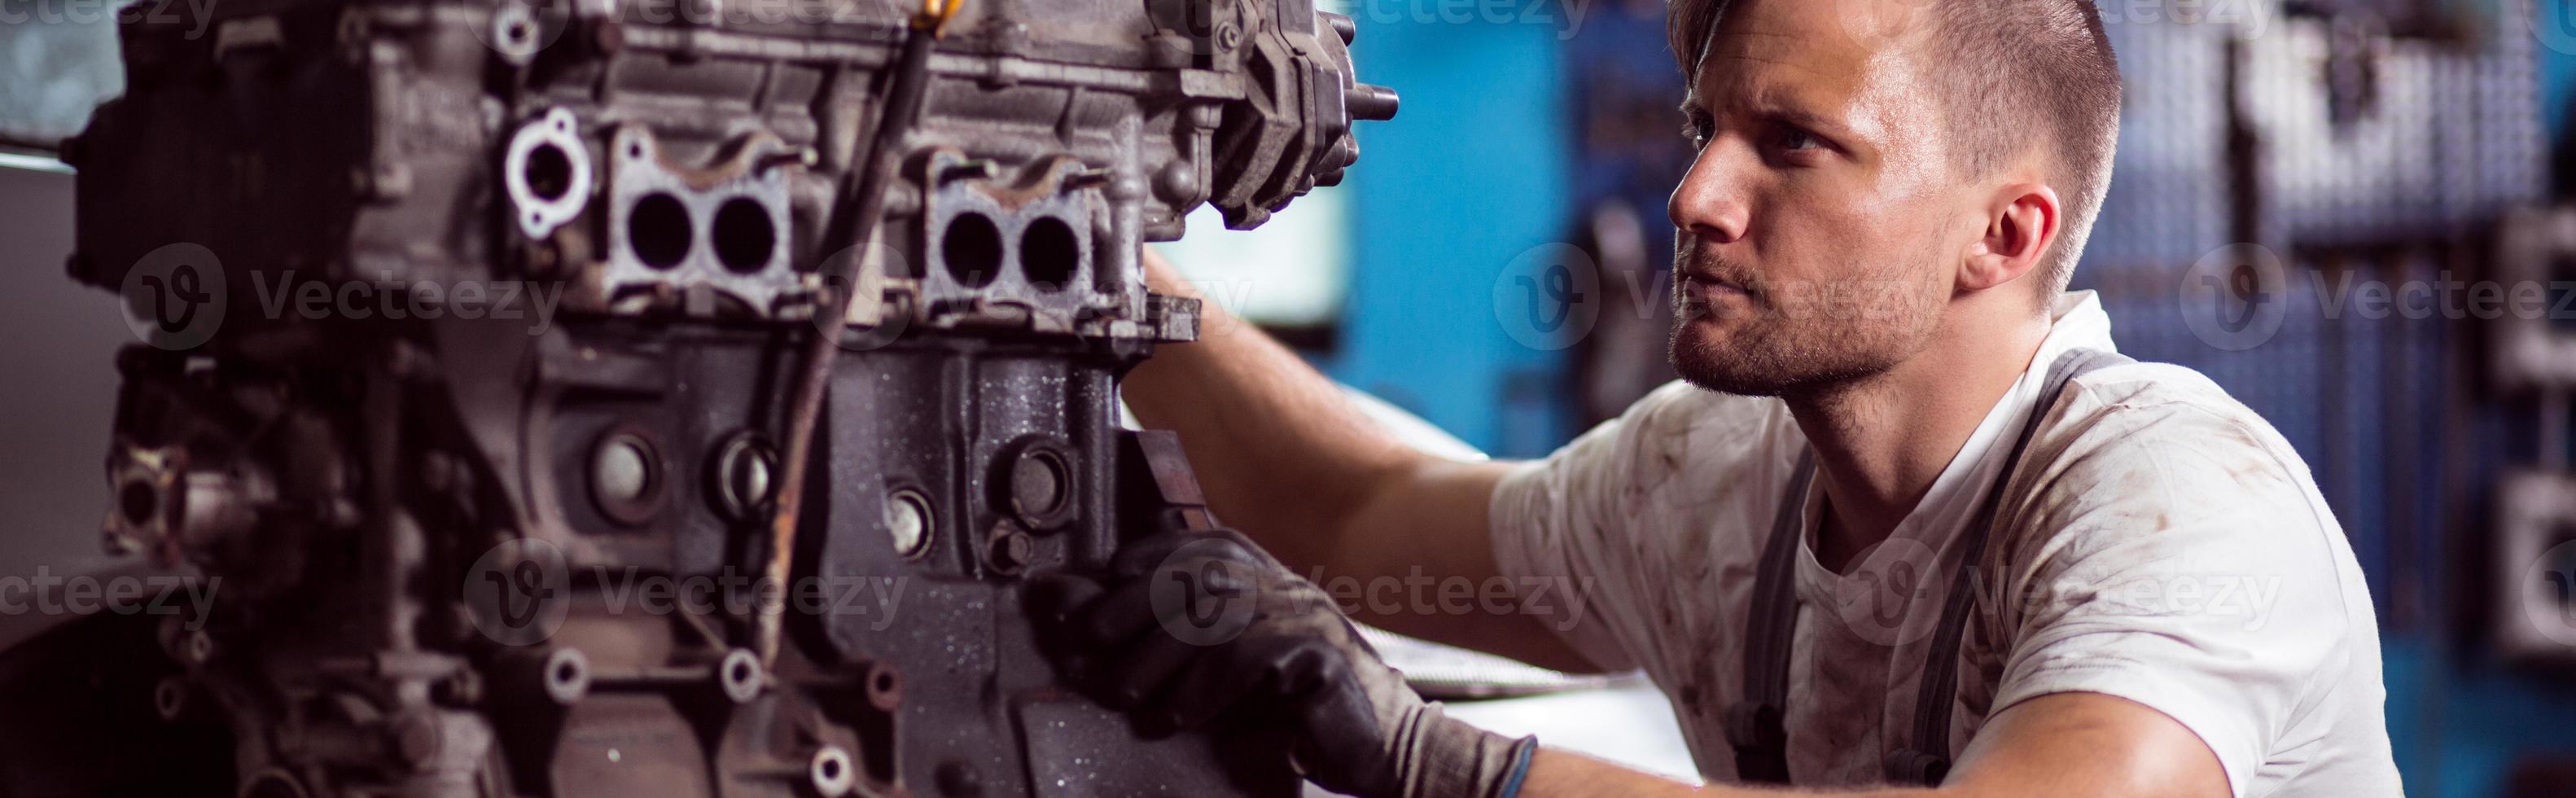 réparateur, fixation, voiture, moteur photo